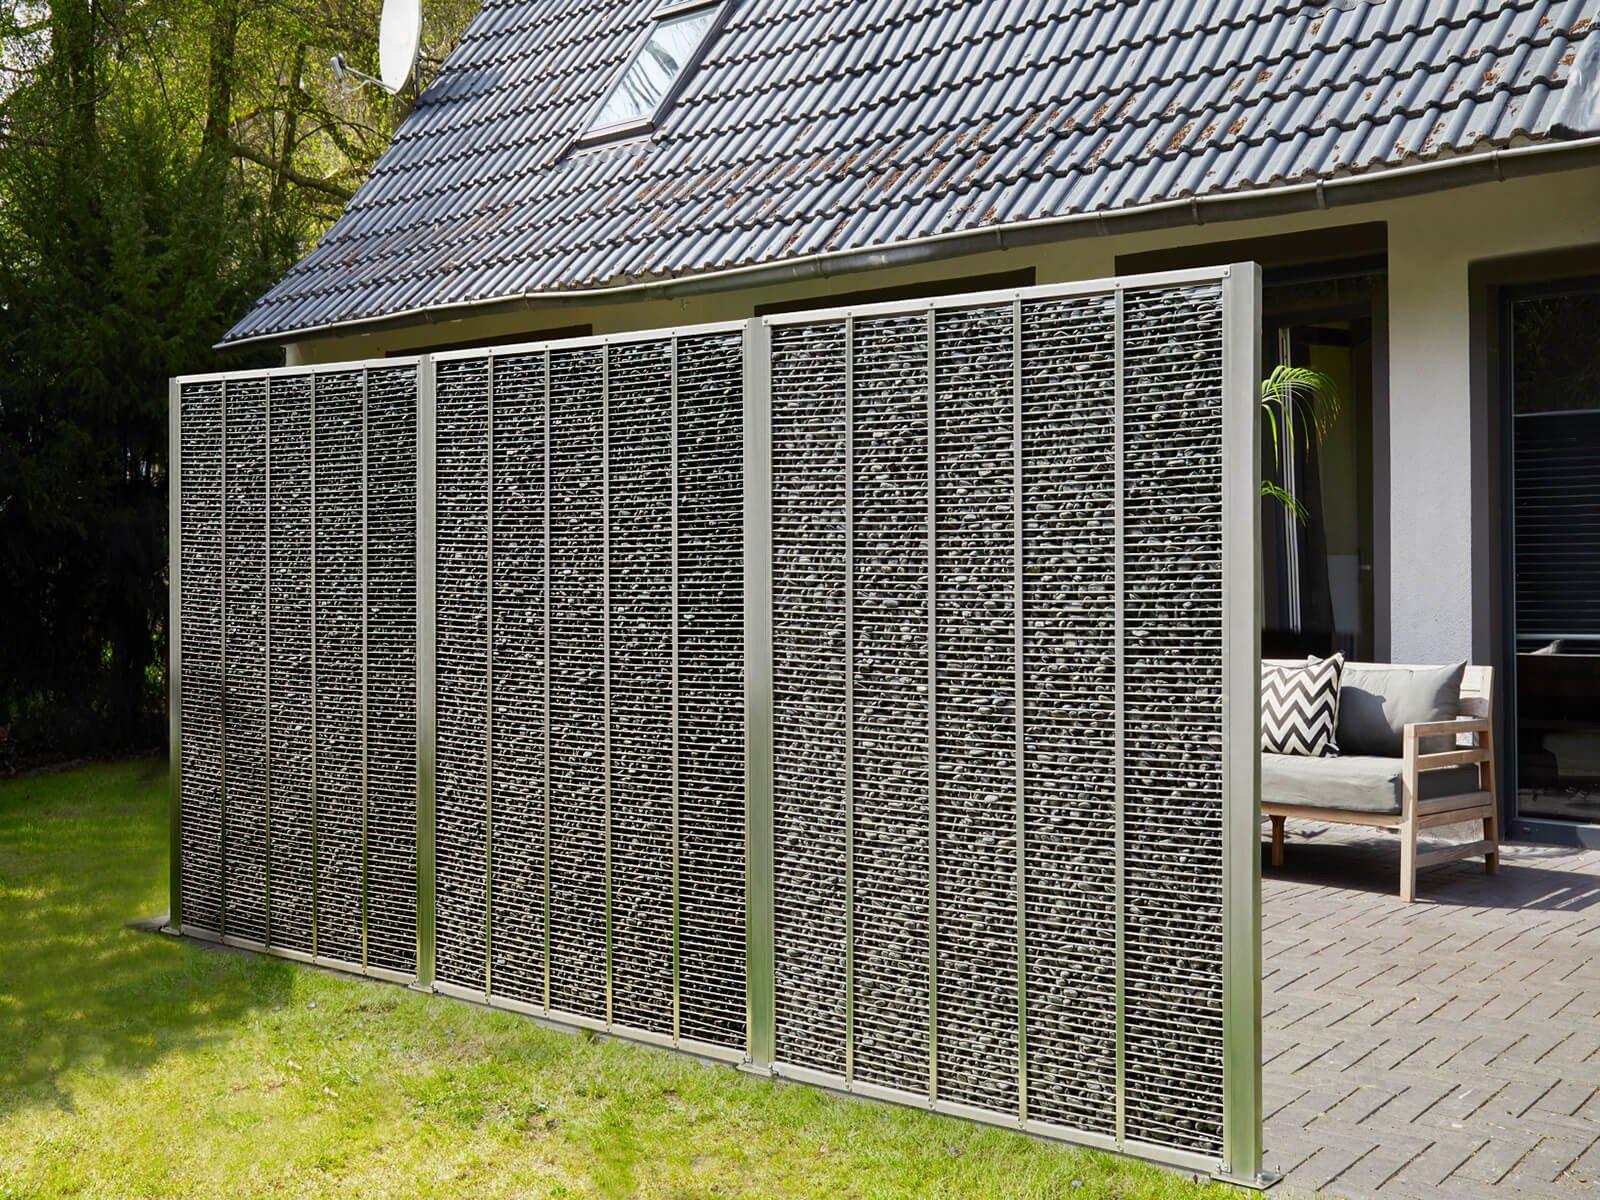 gabione-mit-steinen-als-wind-sicht-und-laermschutz-im-eleganten-und-schmalen-design-ideal-fuer-garten-und-terrasse